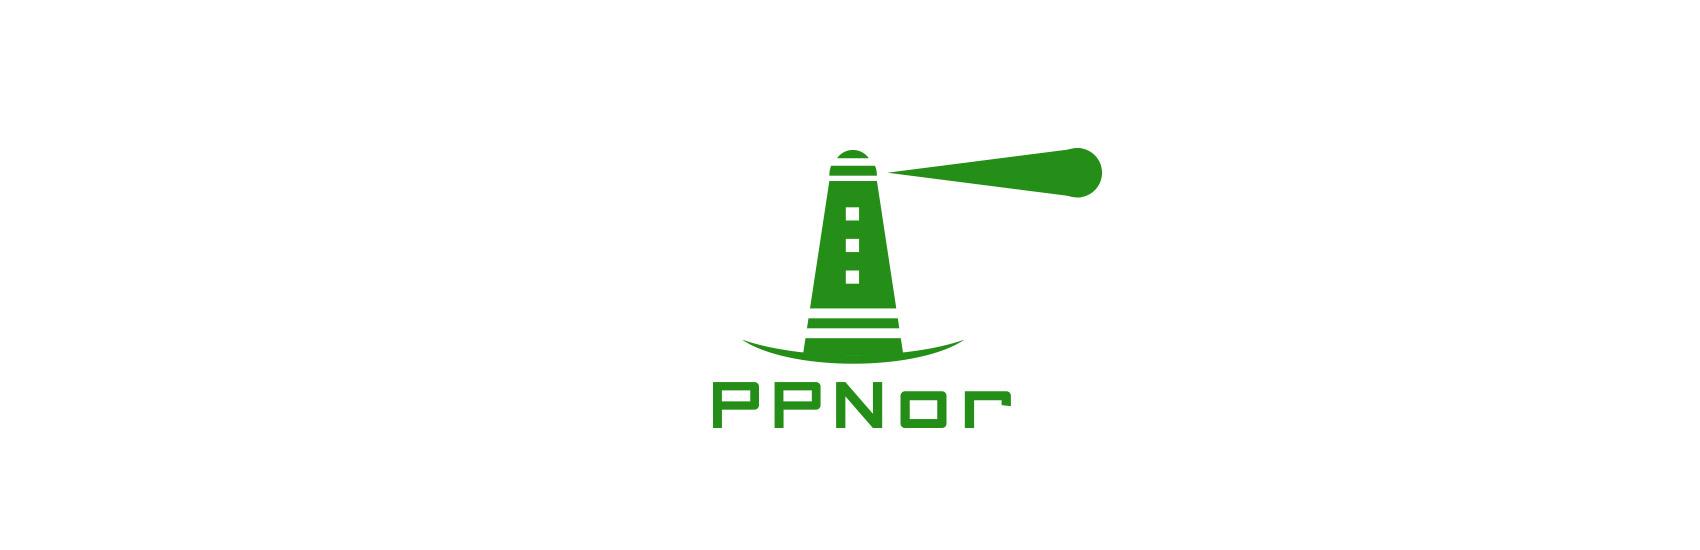 logotipo de PPNOR SA